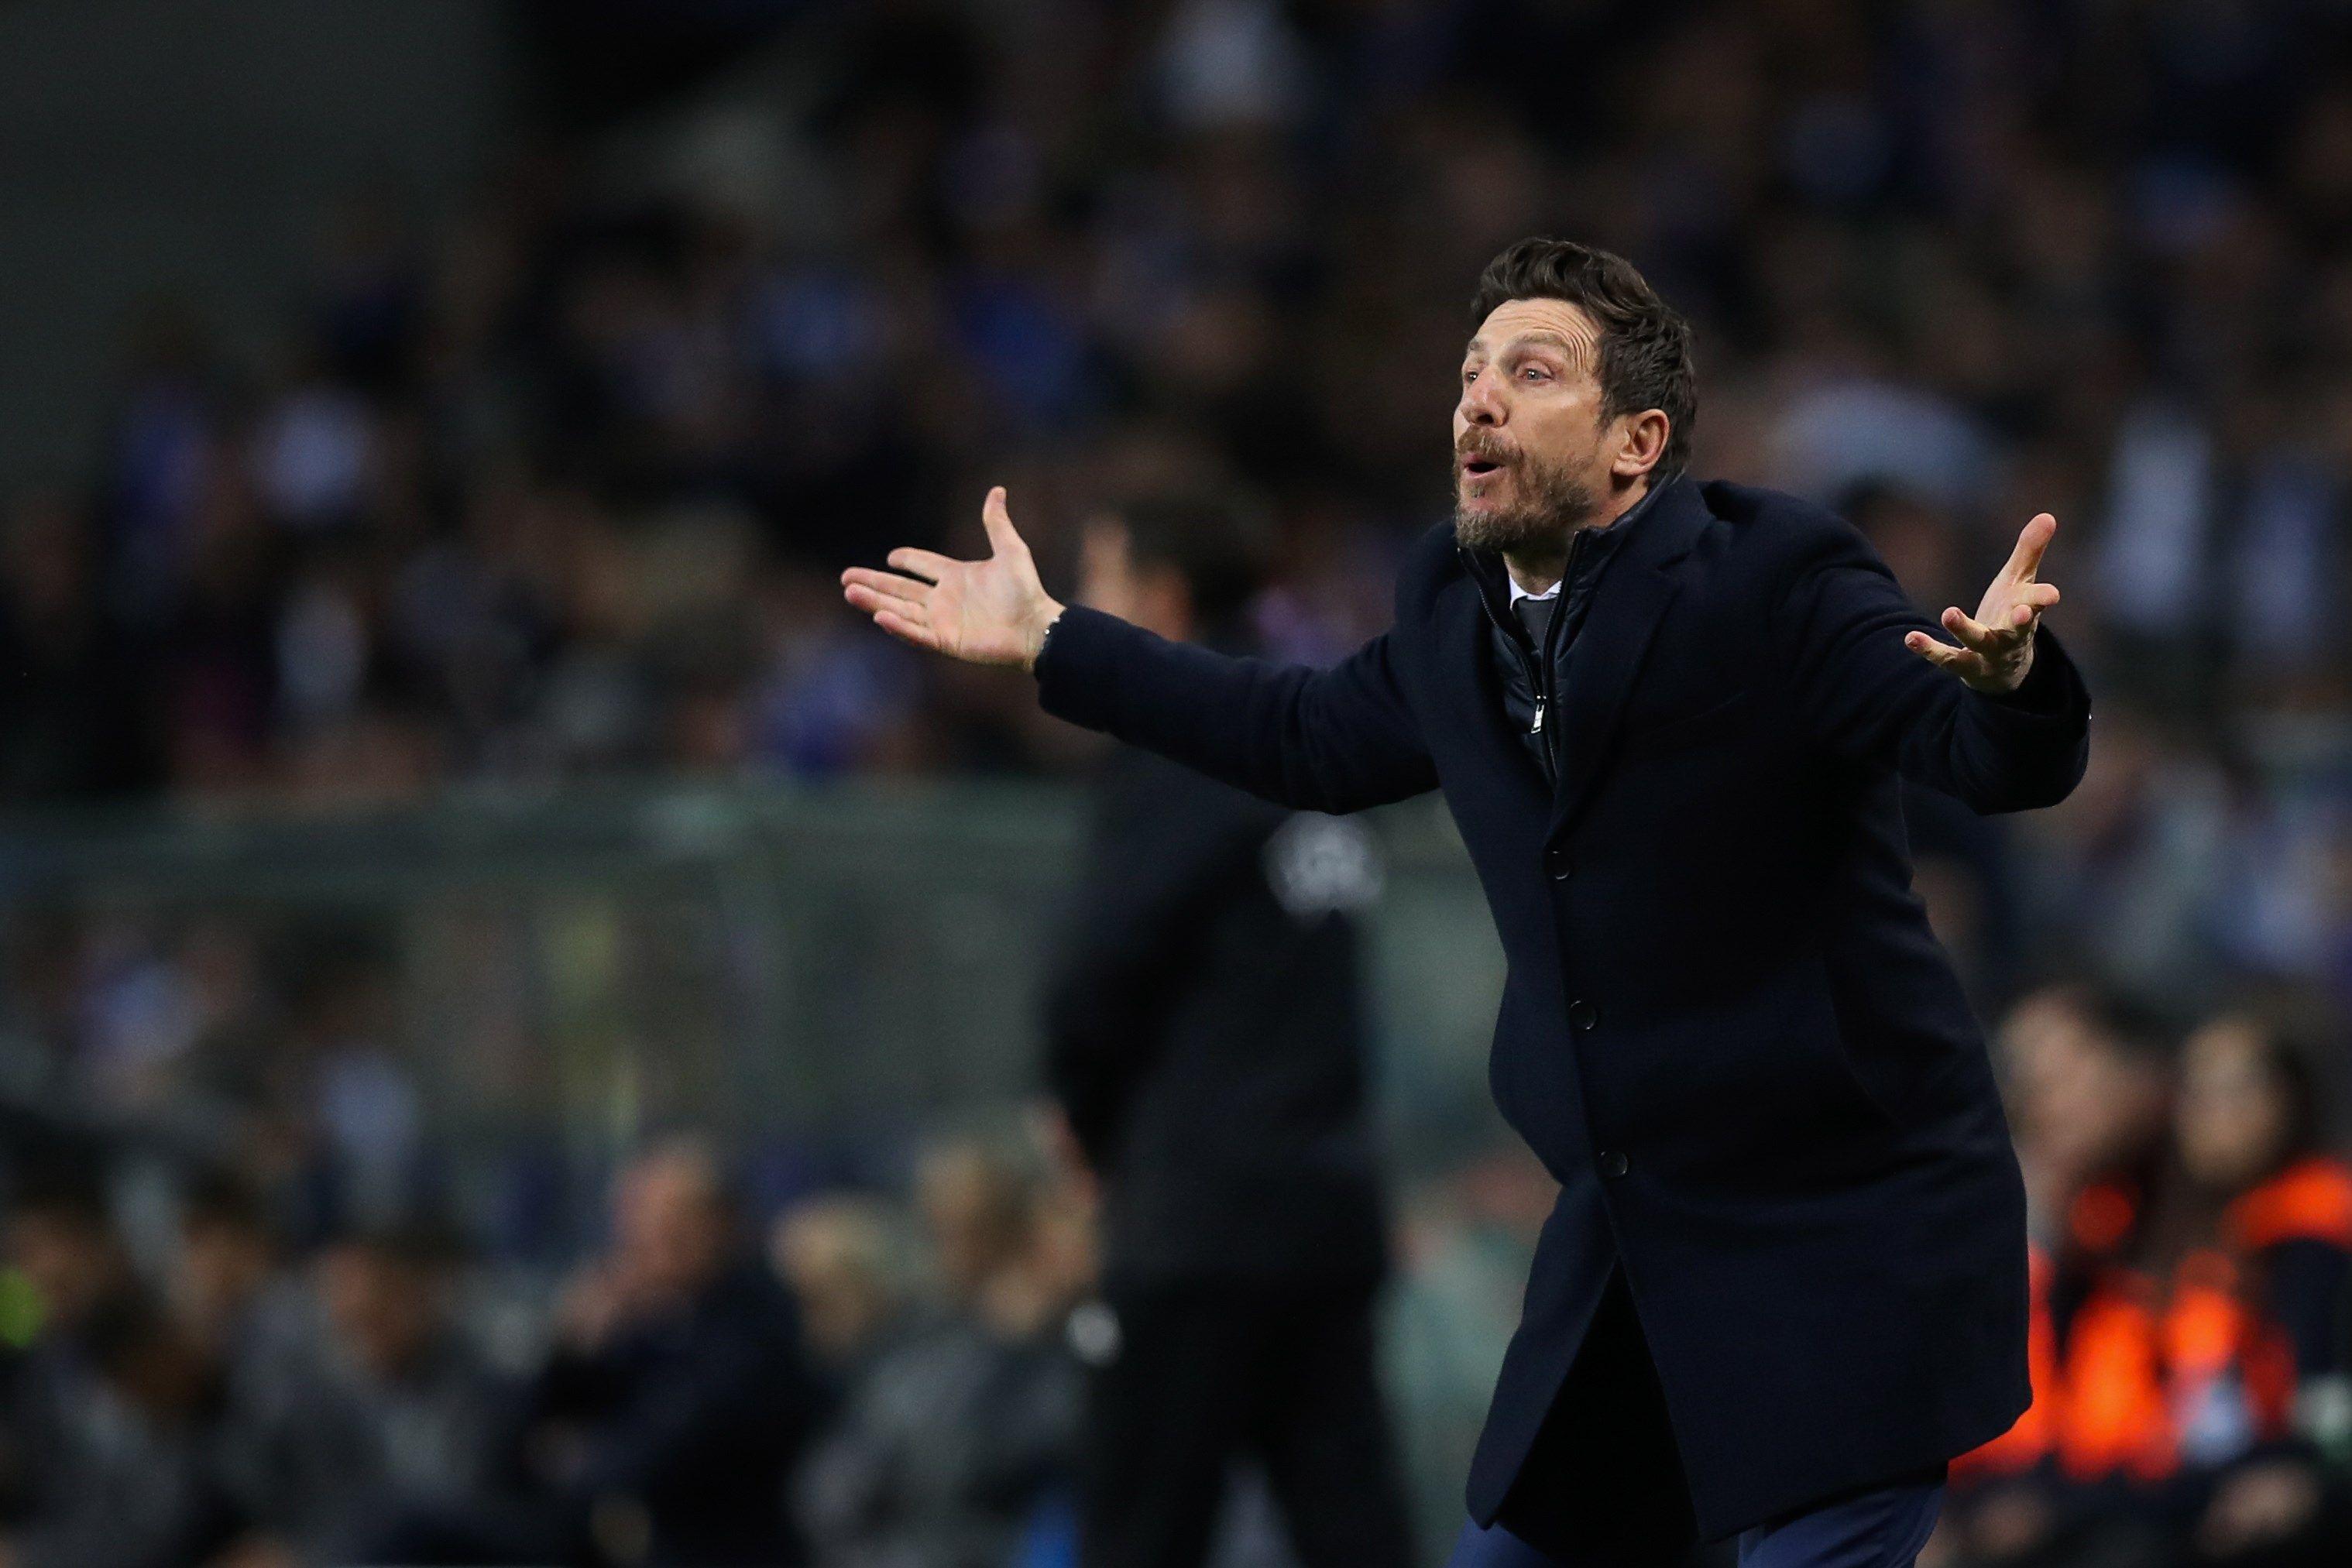 El técnico Eusebio Di Francesco fue destituido del AS Roma, tras ser eliminado por el Oporto. (Foto Prensa Libre: AFP).